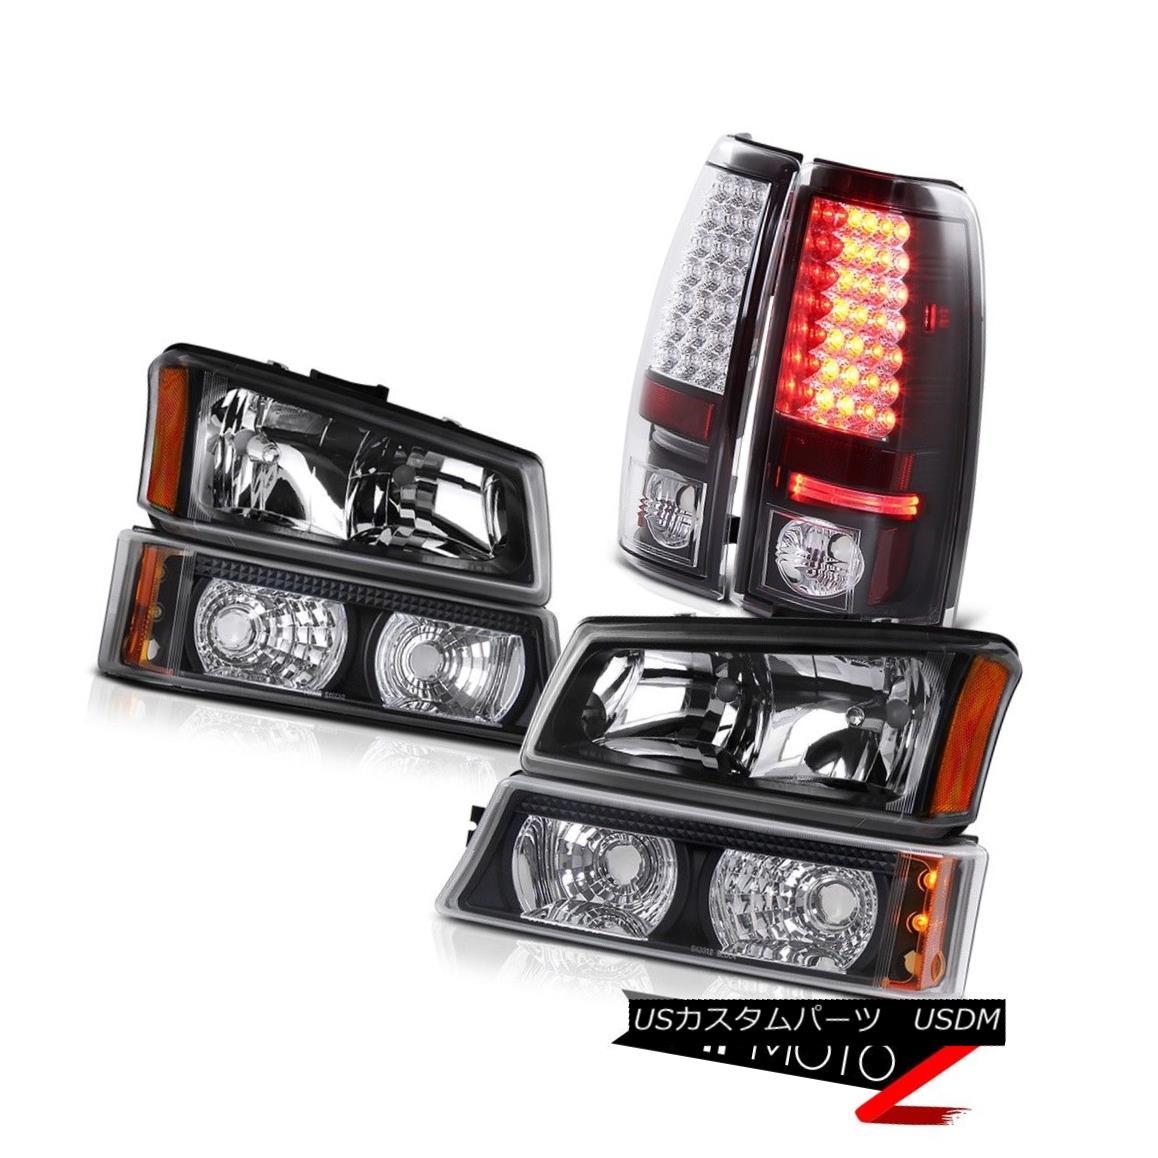 テールライト Black Headlight Parking Signal Bumper Brake LED Tail Lights 05 06 Silverado 1500 ブラックヘッドライトパーキング信号バンパーブレーキLEDテールライト05 06 Silverado 1500